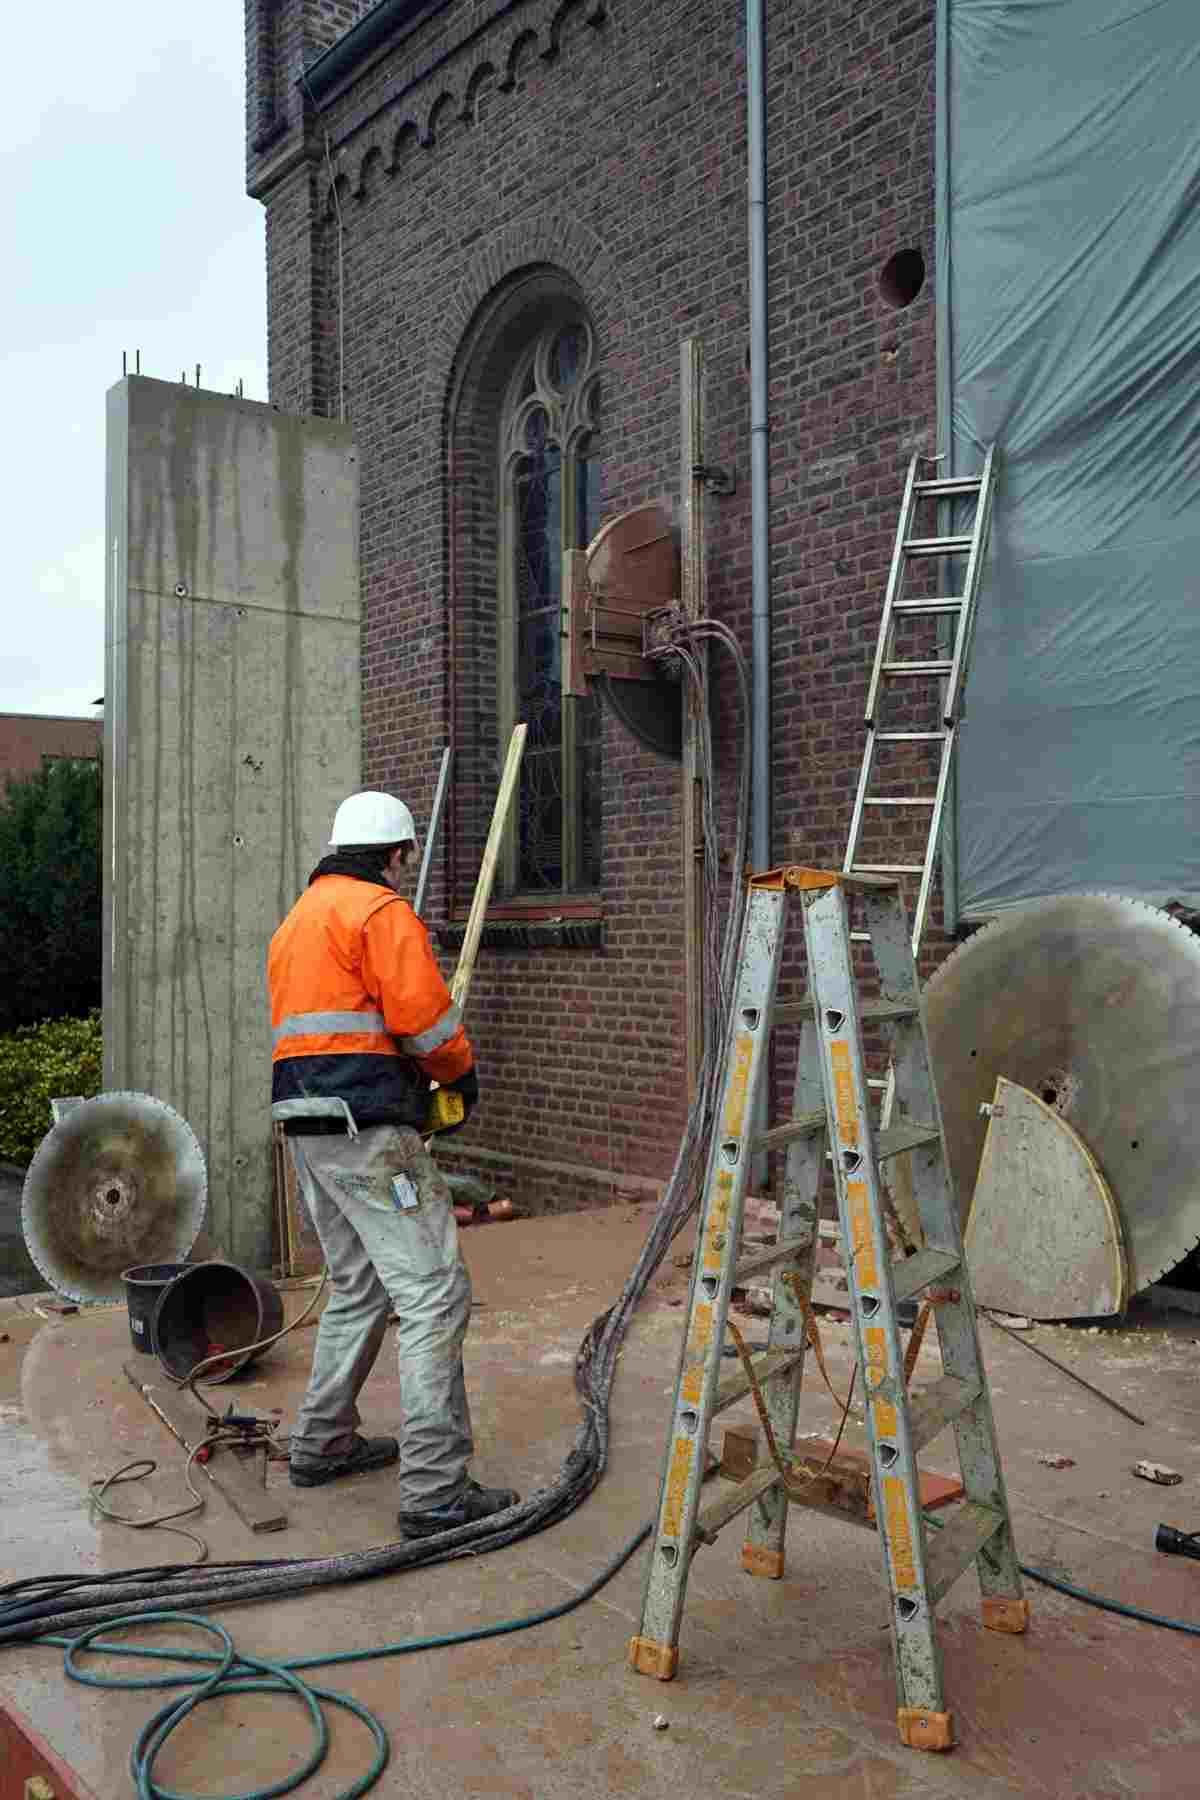 Vorsichtig arbeitet sich die Säge durch das Mauerwerk